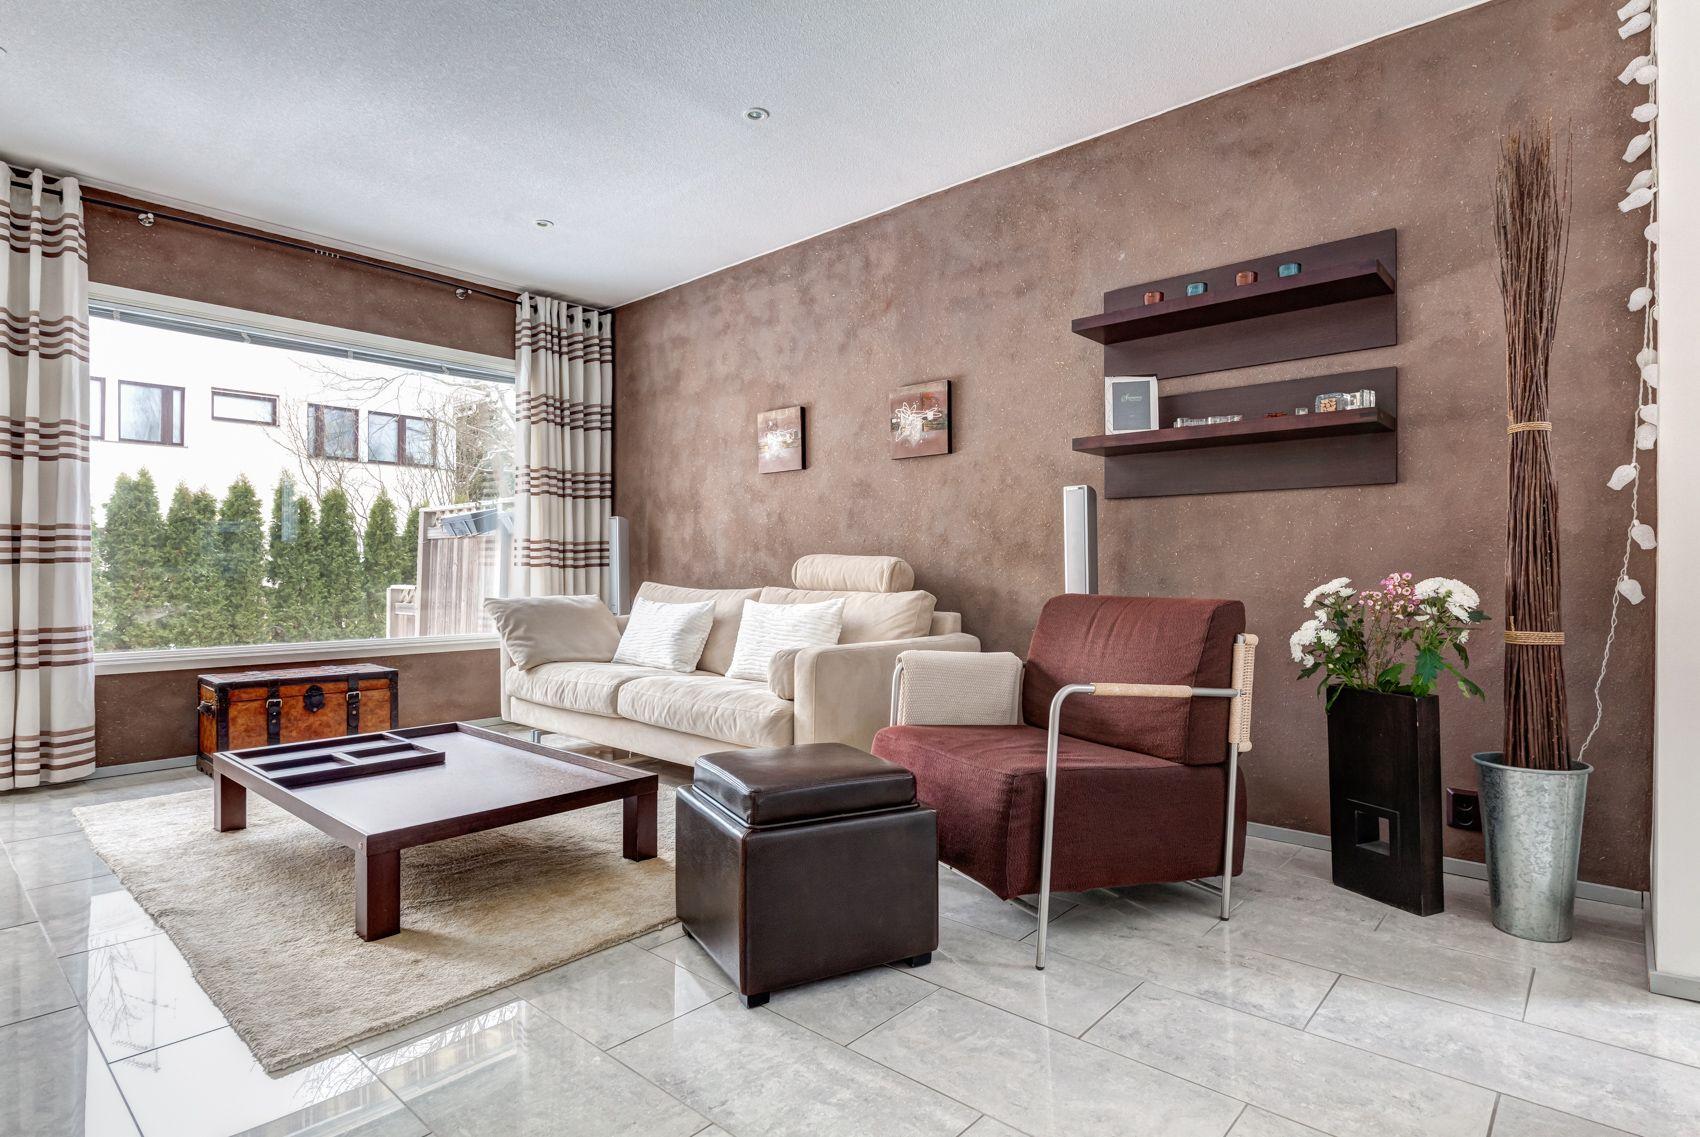 Olohuone ja keittiö yhdistyvät yhdeksi tilaksi. Lattiamateriaaliksi on valittu Laattapisteen micron niminen laatta 600 mm x 300 mm harmaan sävyinen. Laatta on tässä tilassa täyskiiltopintainen. Eteisessä ja työhuoneessa on sama laatta mattapintaisena.